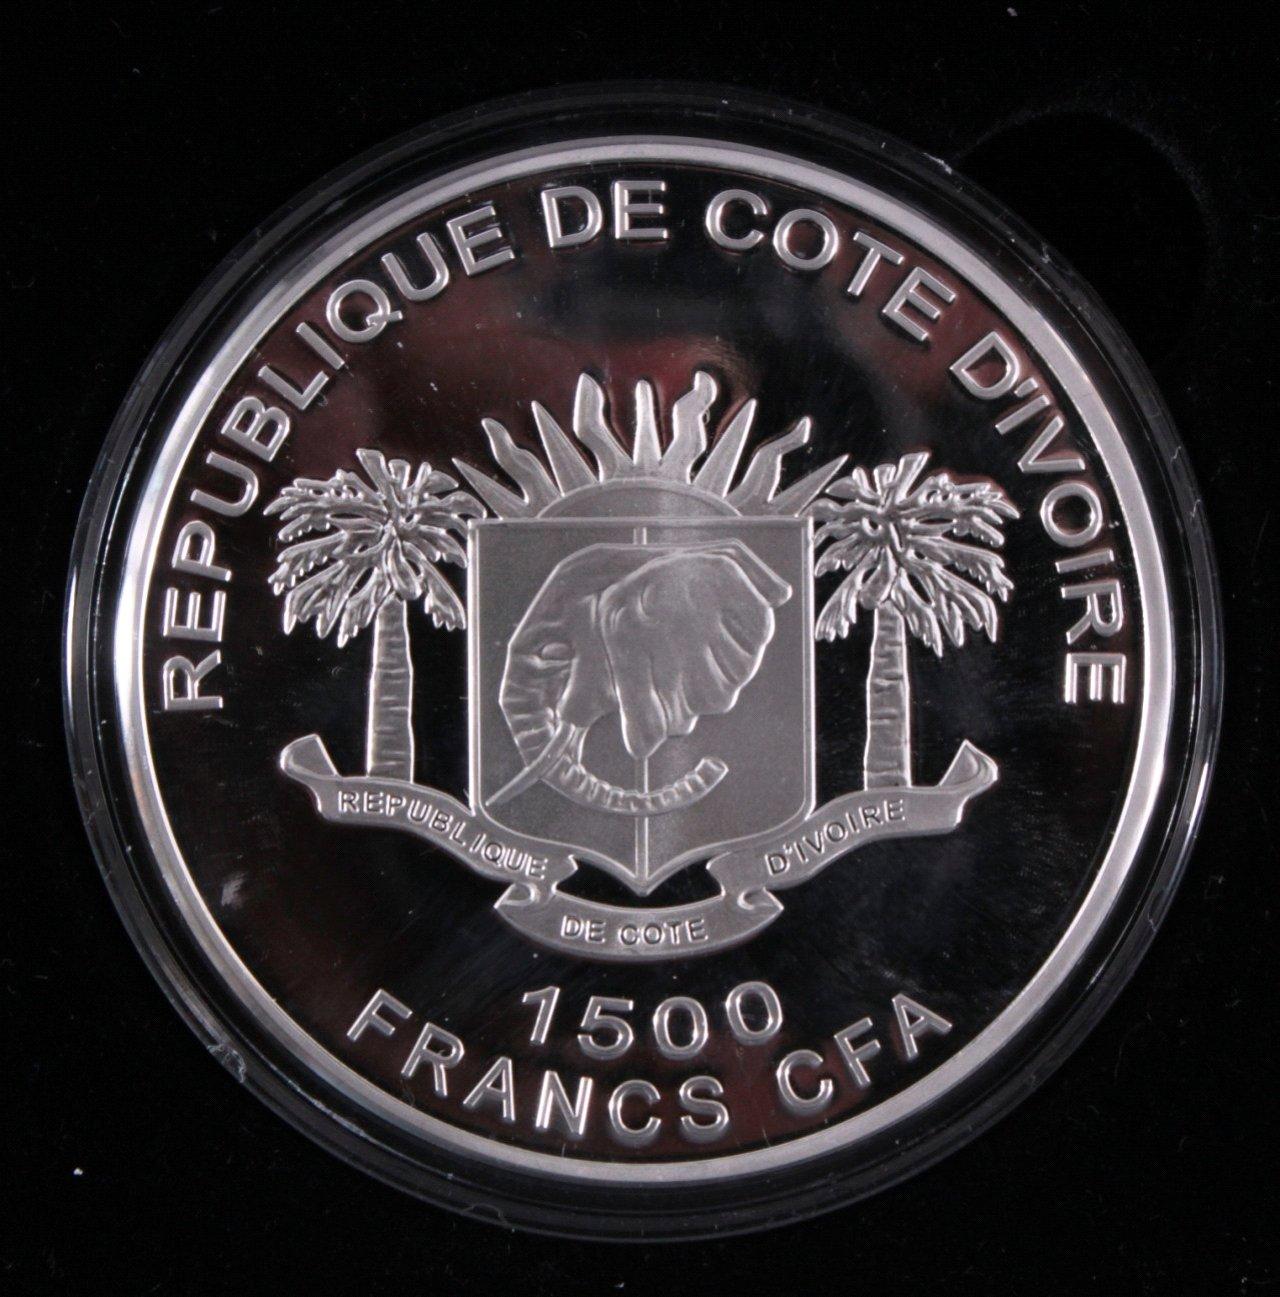 Elfenbeinküste, 1500 France 2010, die sieben Weltwunder-1